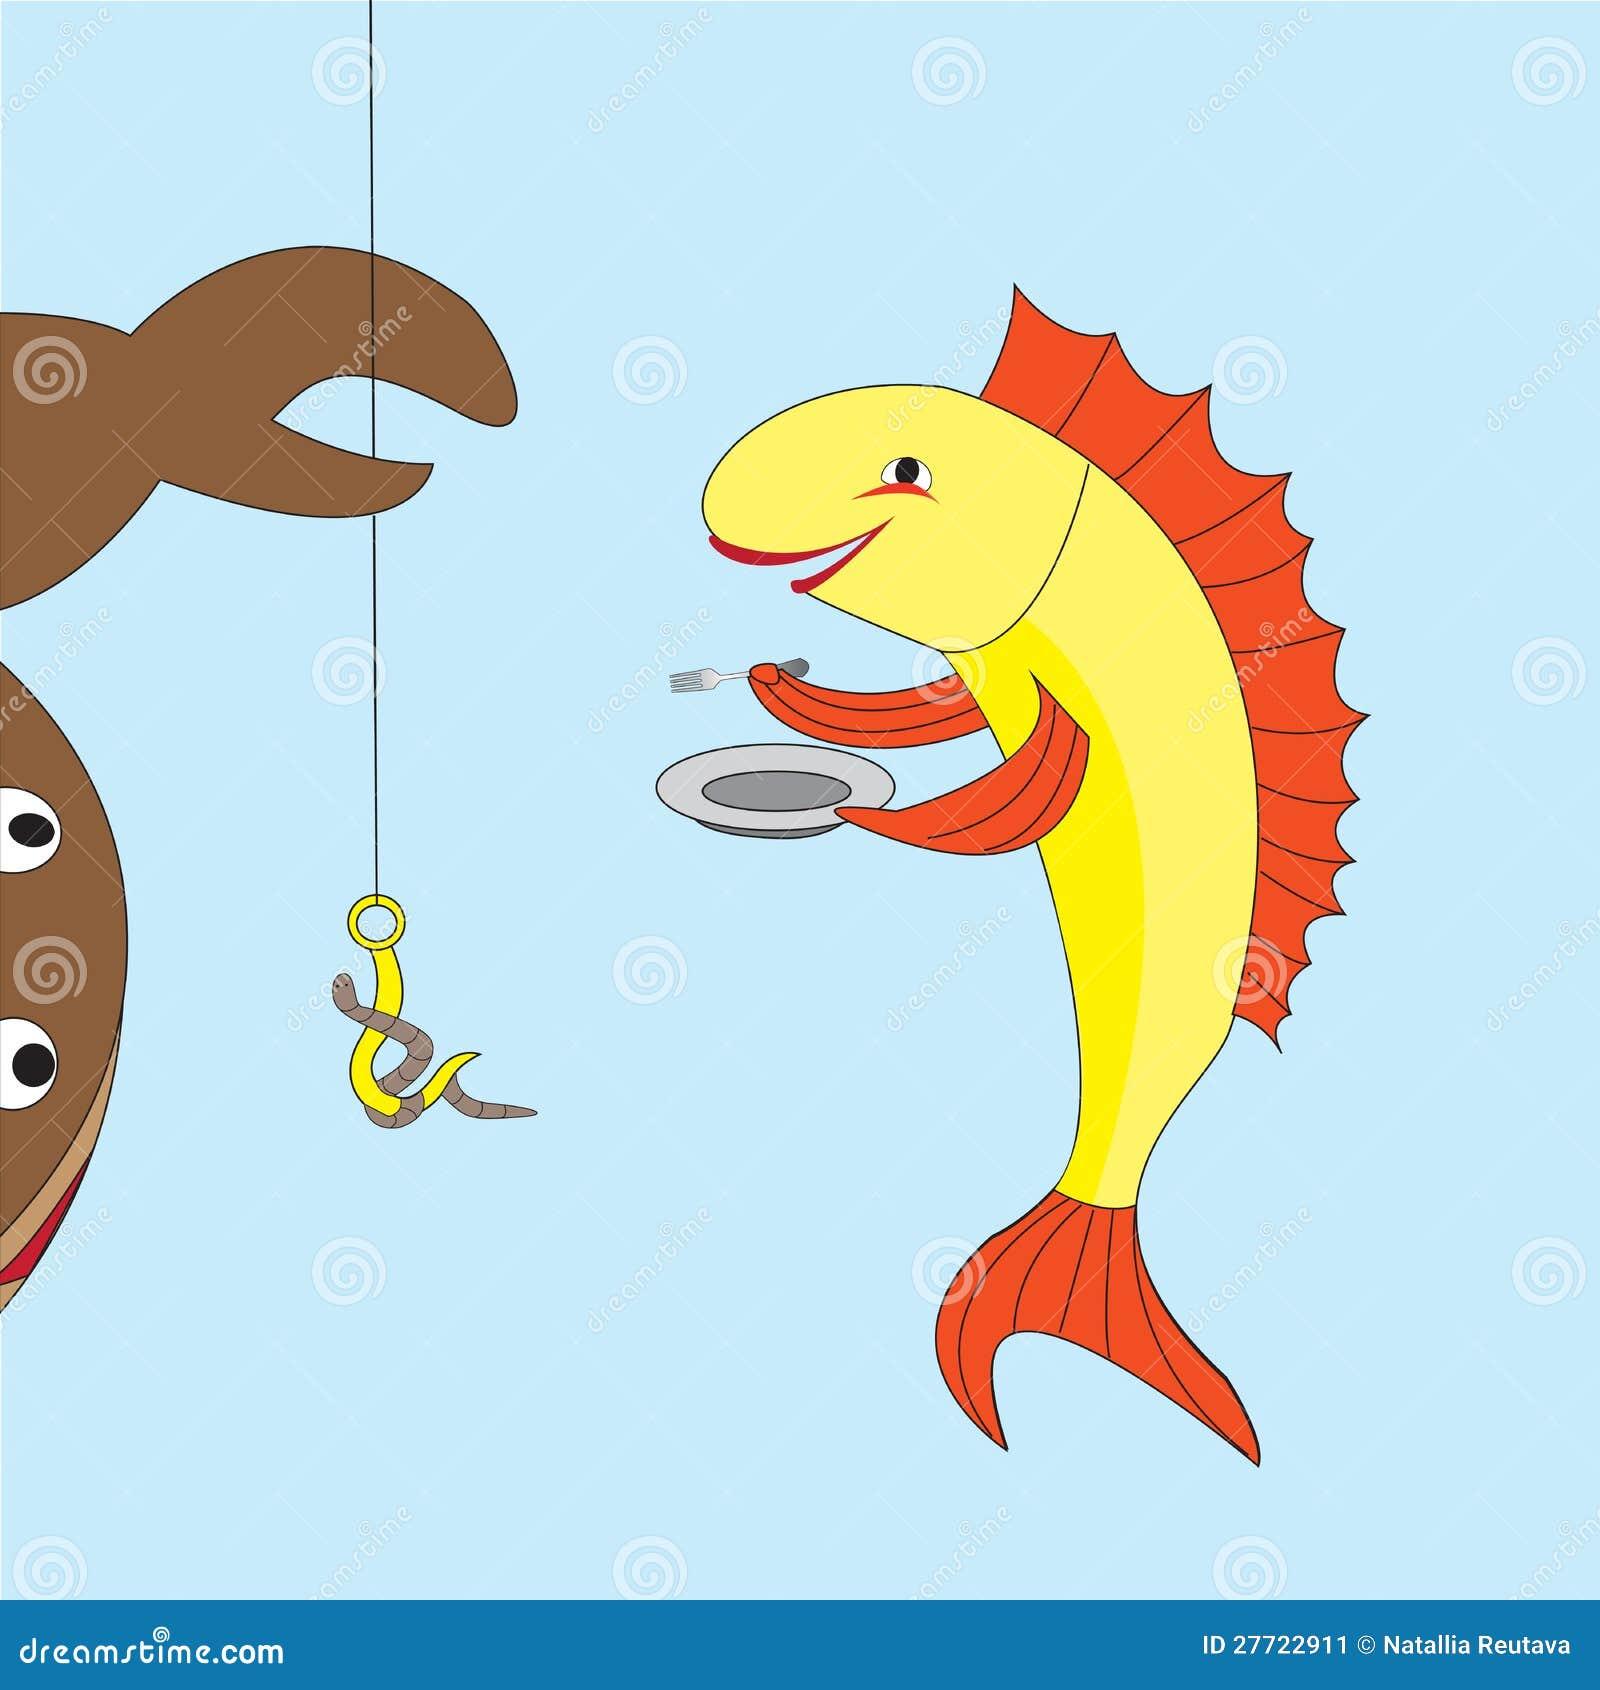 меня, рисунок гармошка или поделка голодная рыбка экскурсию